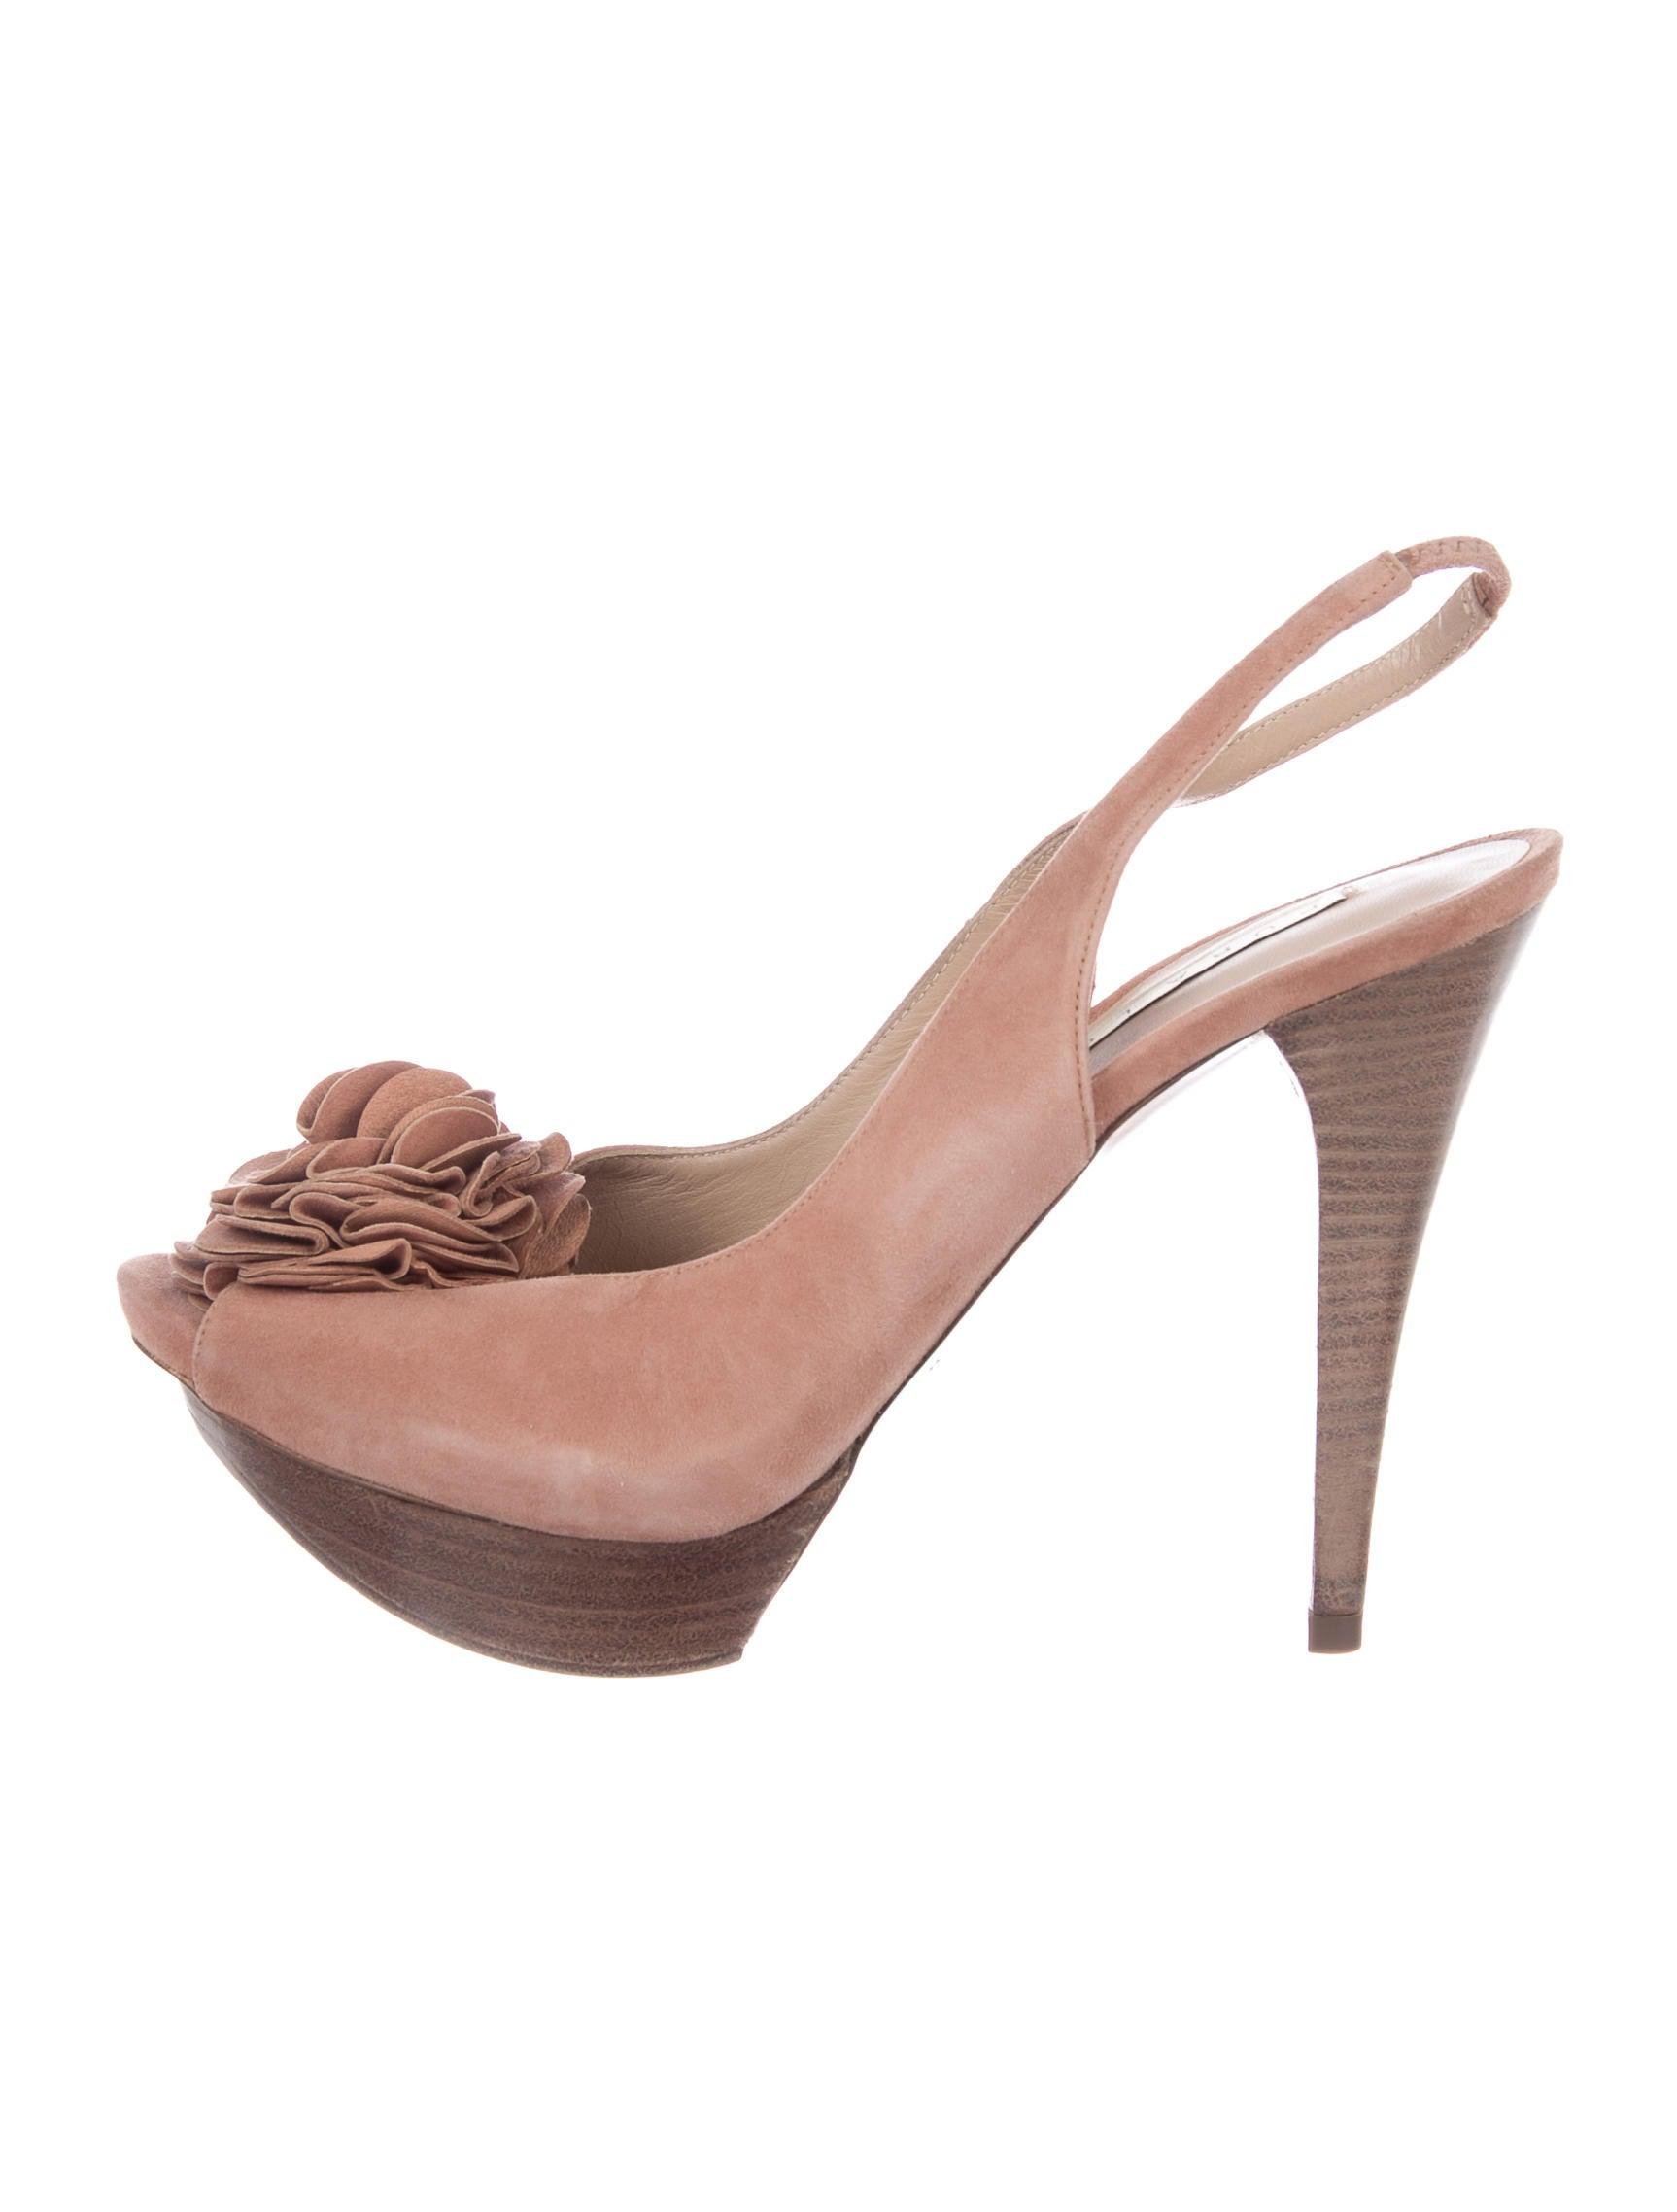 discount sneakernews cheap sale choice Pura Lopez Floral Platform Pumps buy cheap sast 78xKRVsF